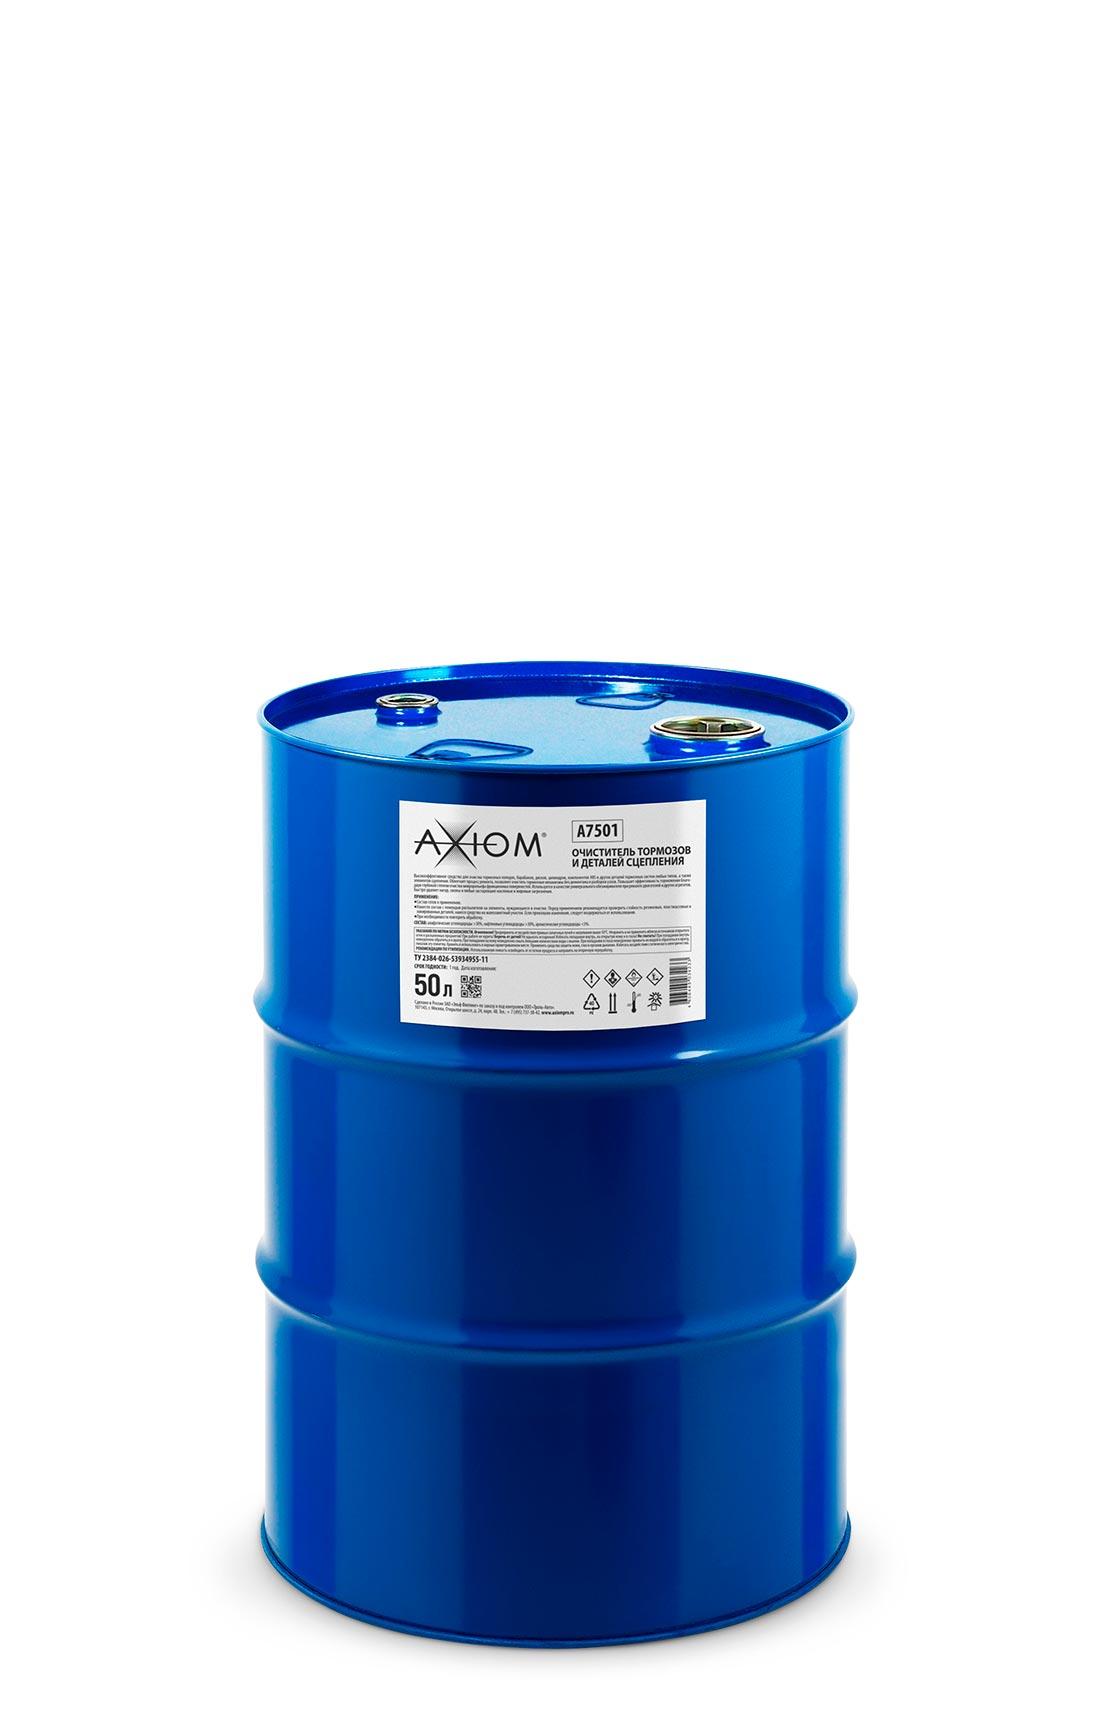 Очиститель тормозов и деталей сцепления 50 л32 кг. AXIOM (A7501)